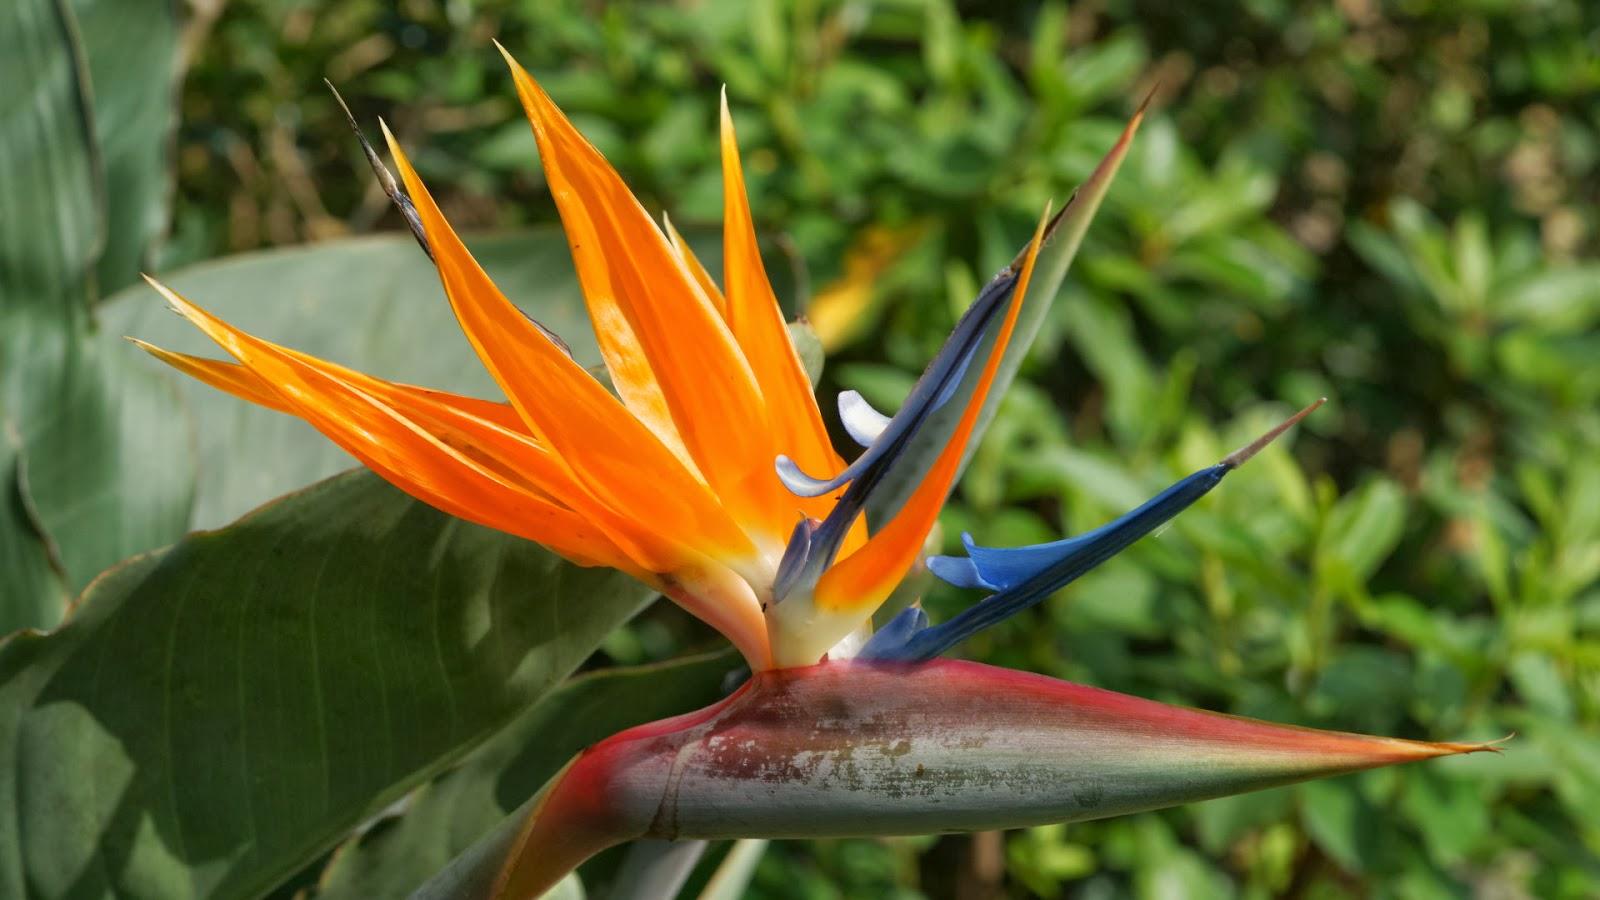 Beautiful wallpapers for desktop bird of paradise wallpapers hd - Hd images of birds of paradise ...